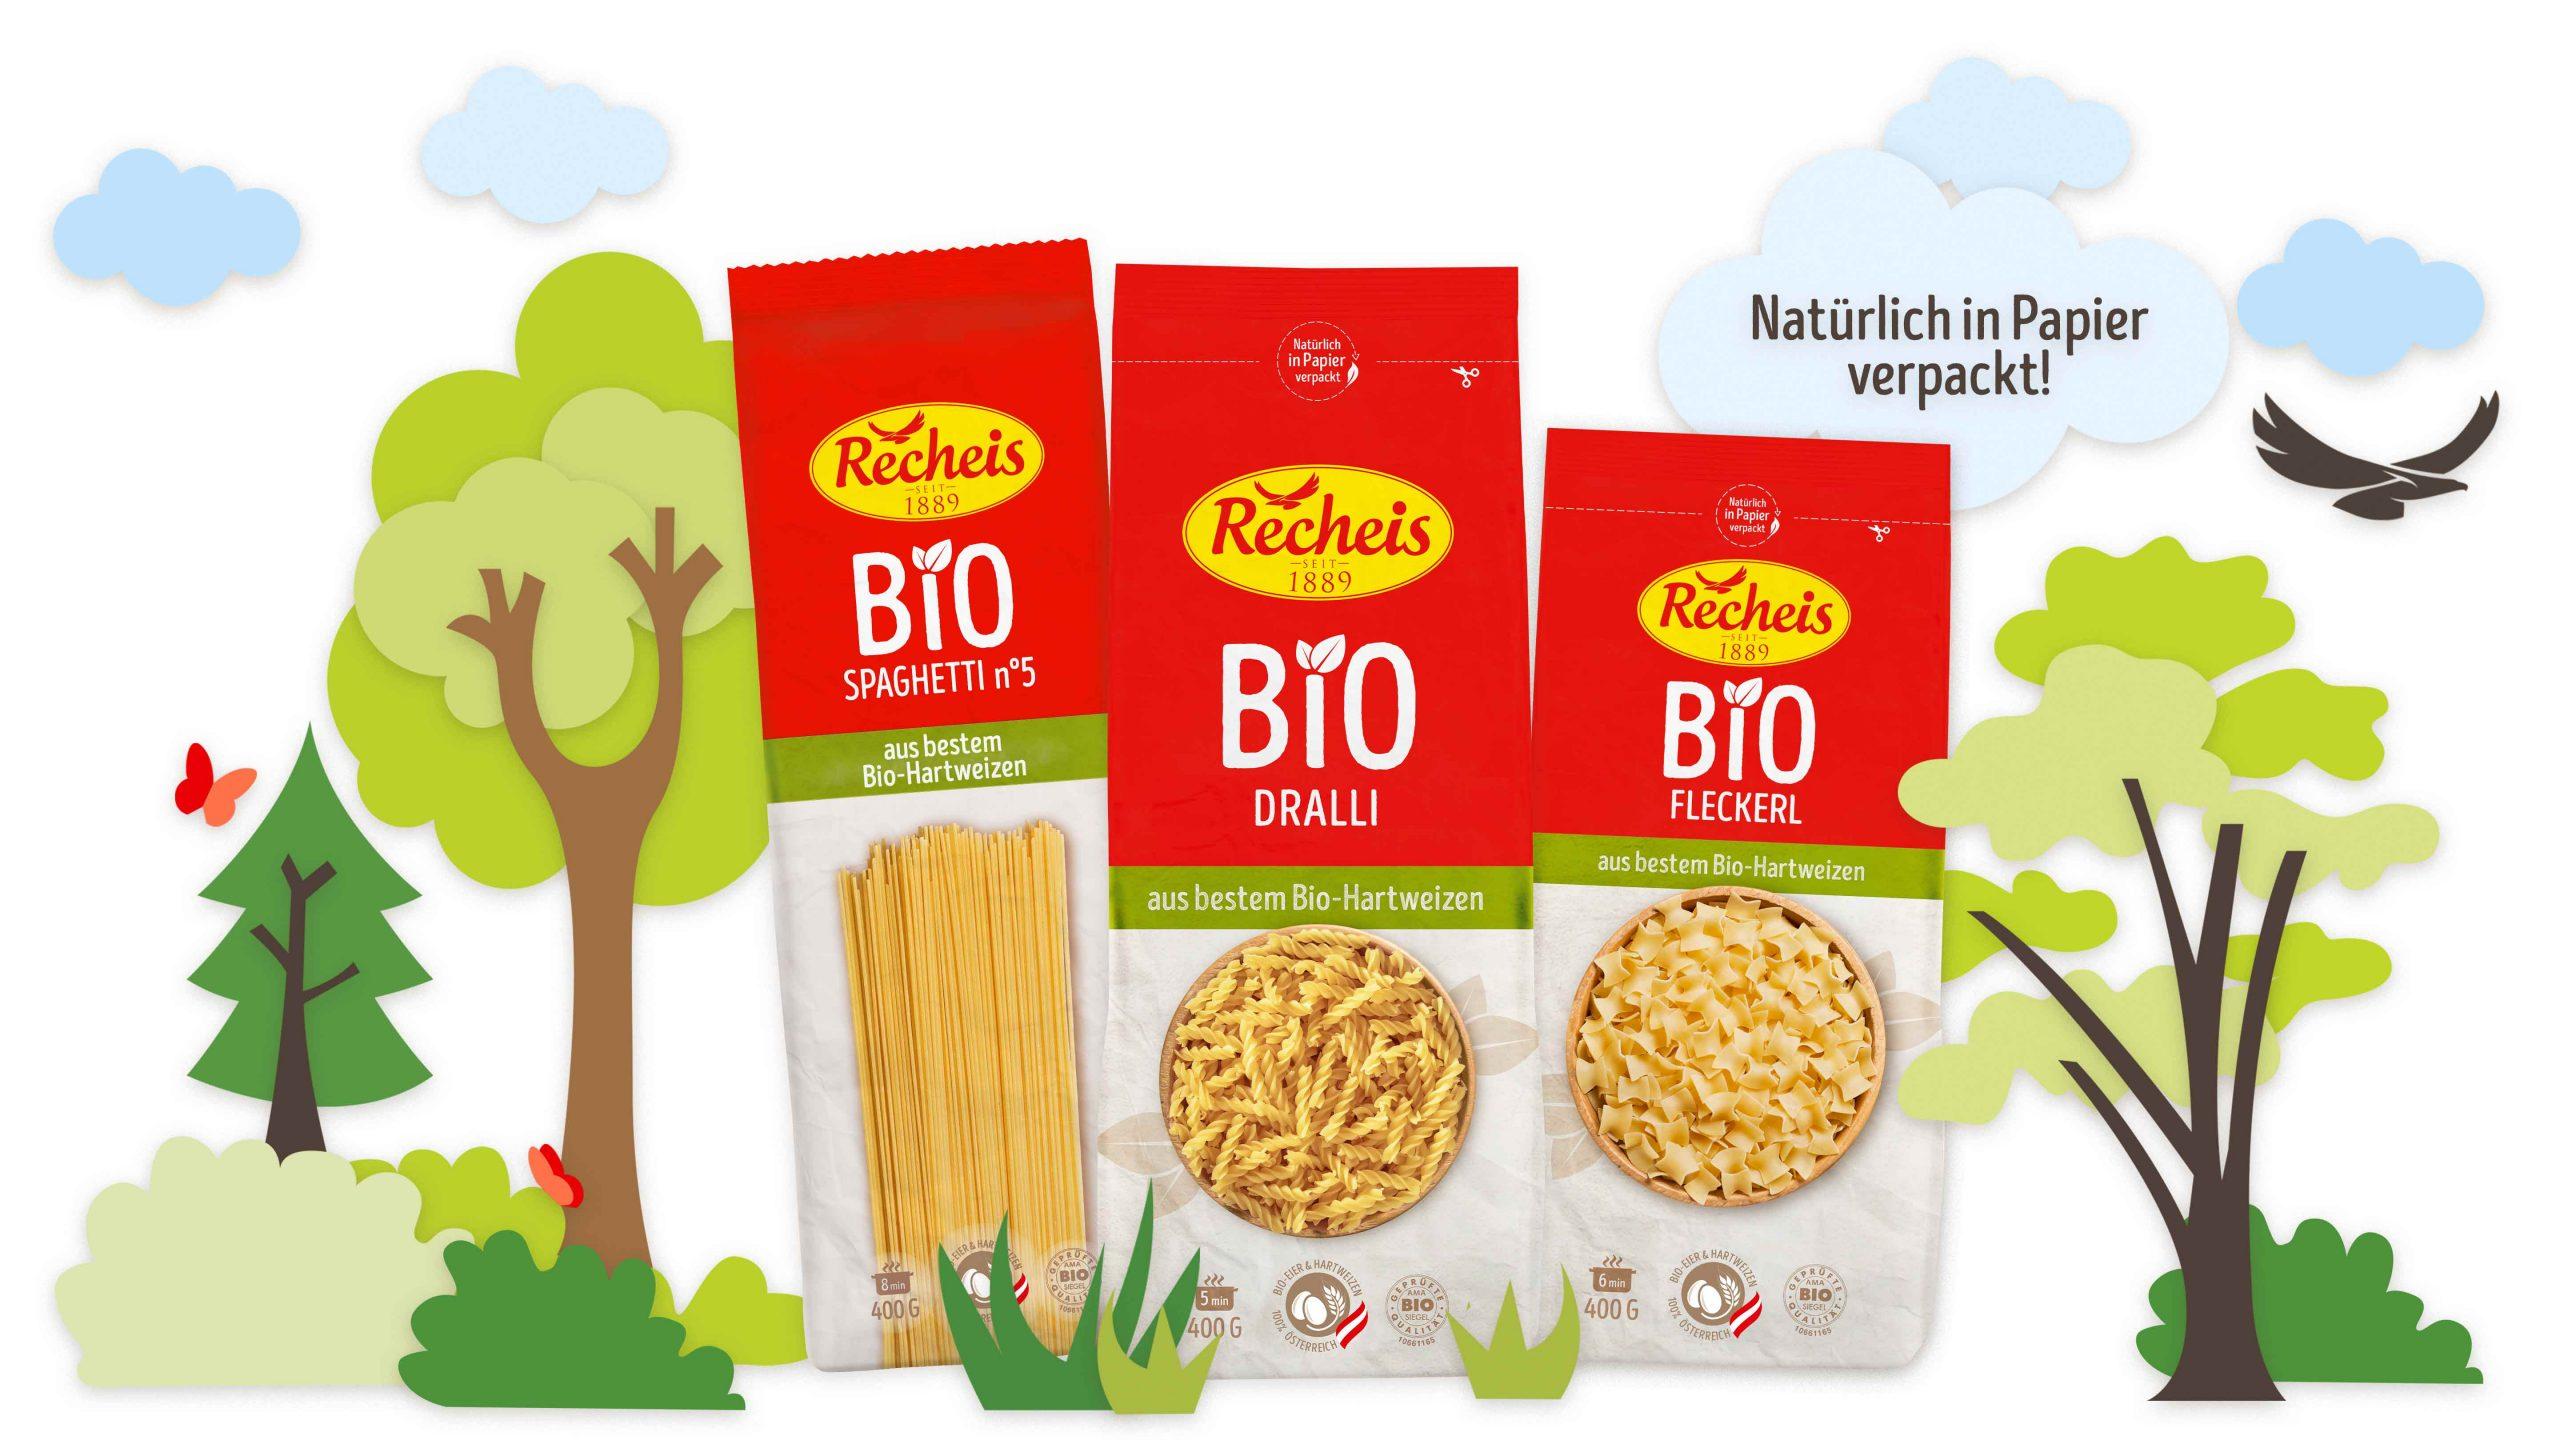 bio-nudeln-verpackungen-mit-zukunft